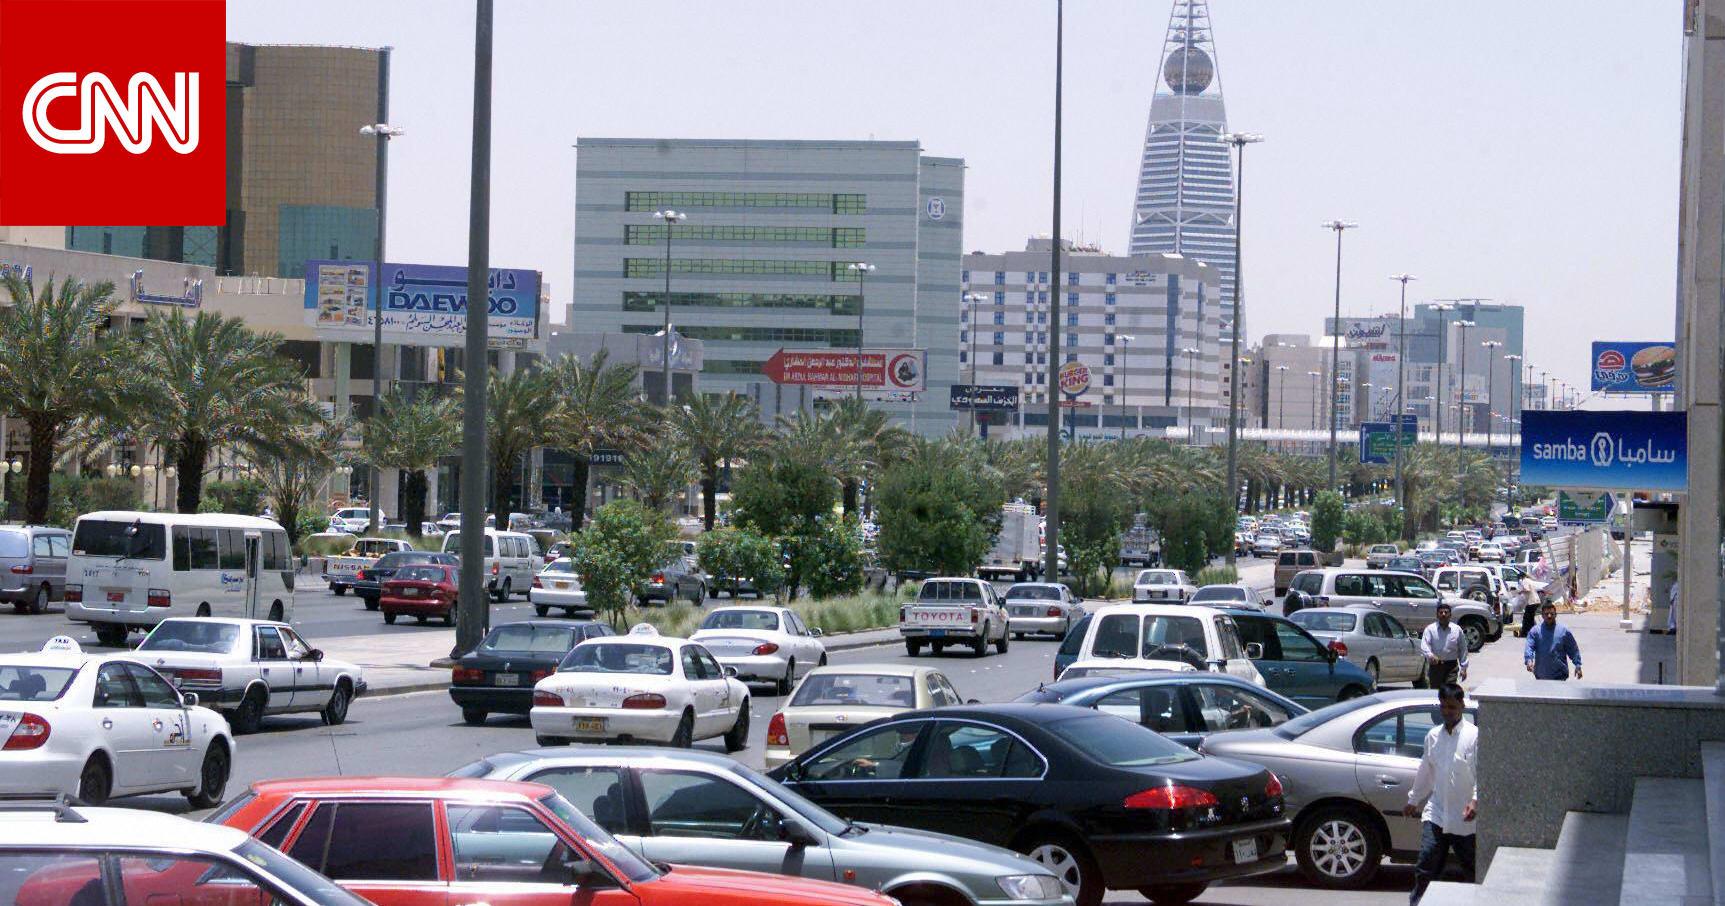 وزارة التجارة السعودية تخالف 4 أشخاص روجوا للكسب السريع غير المشروع